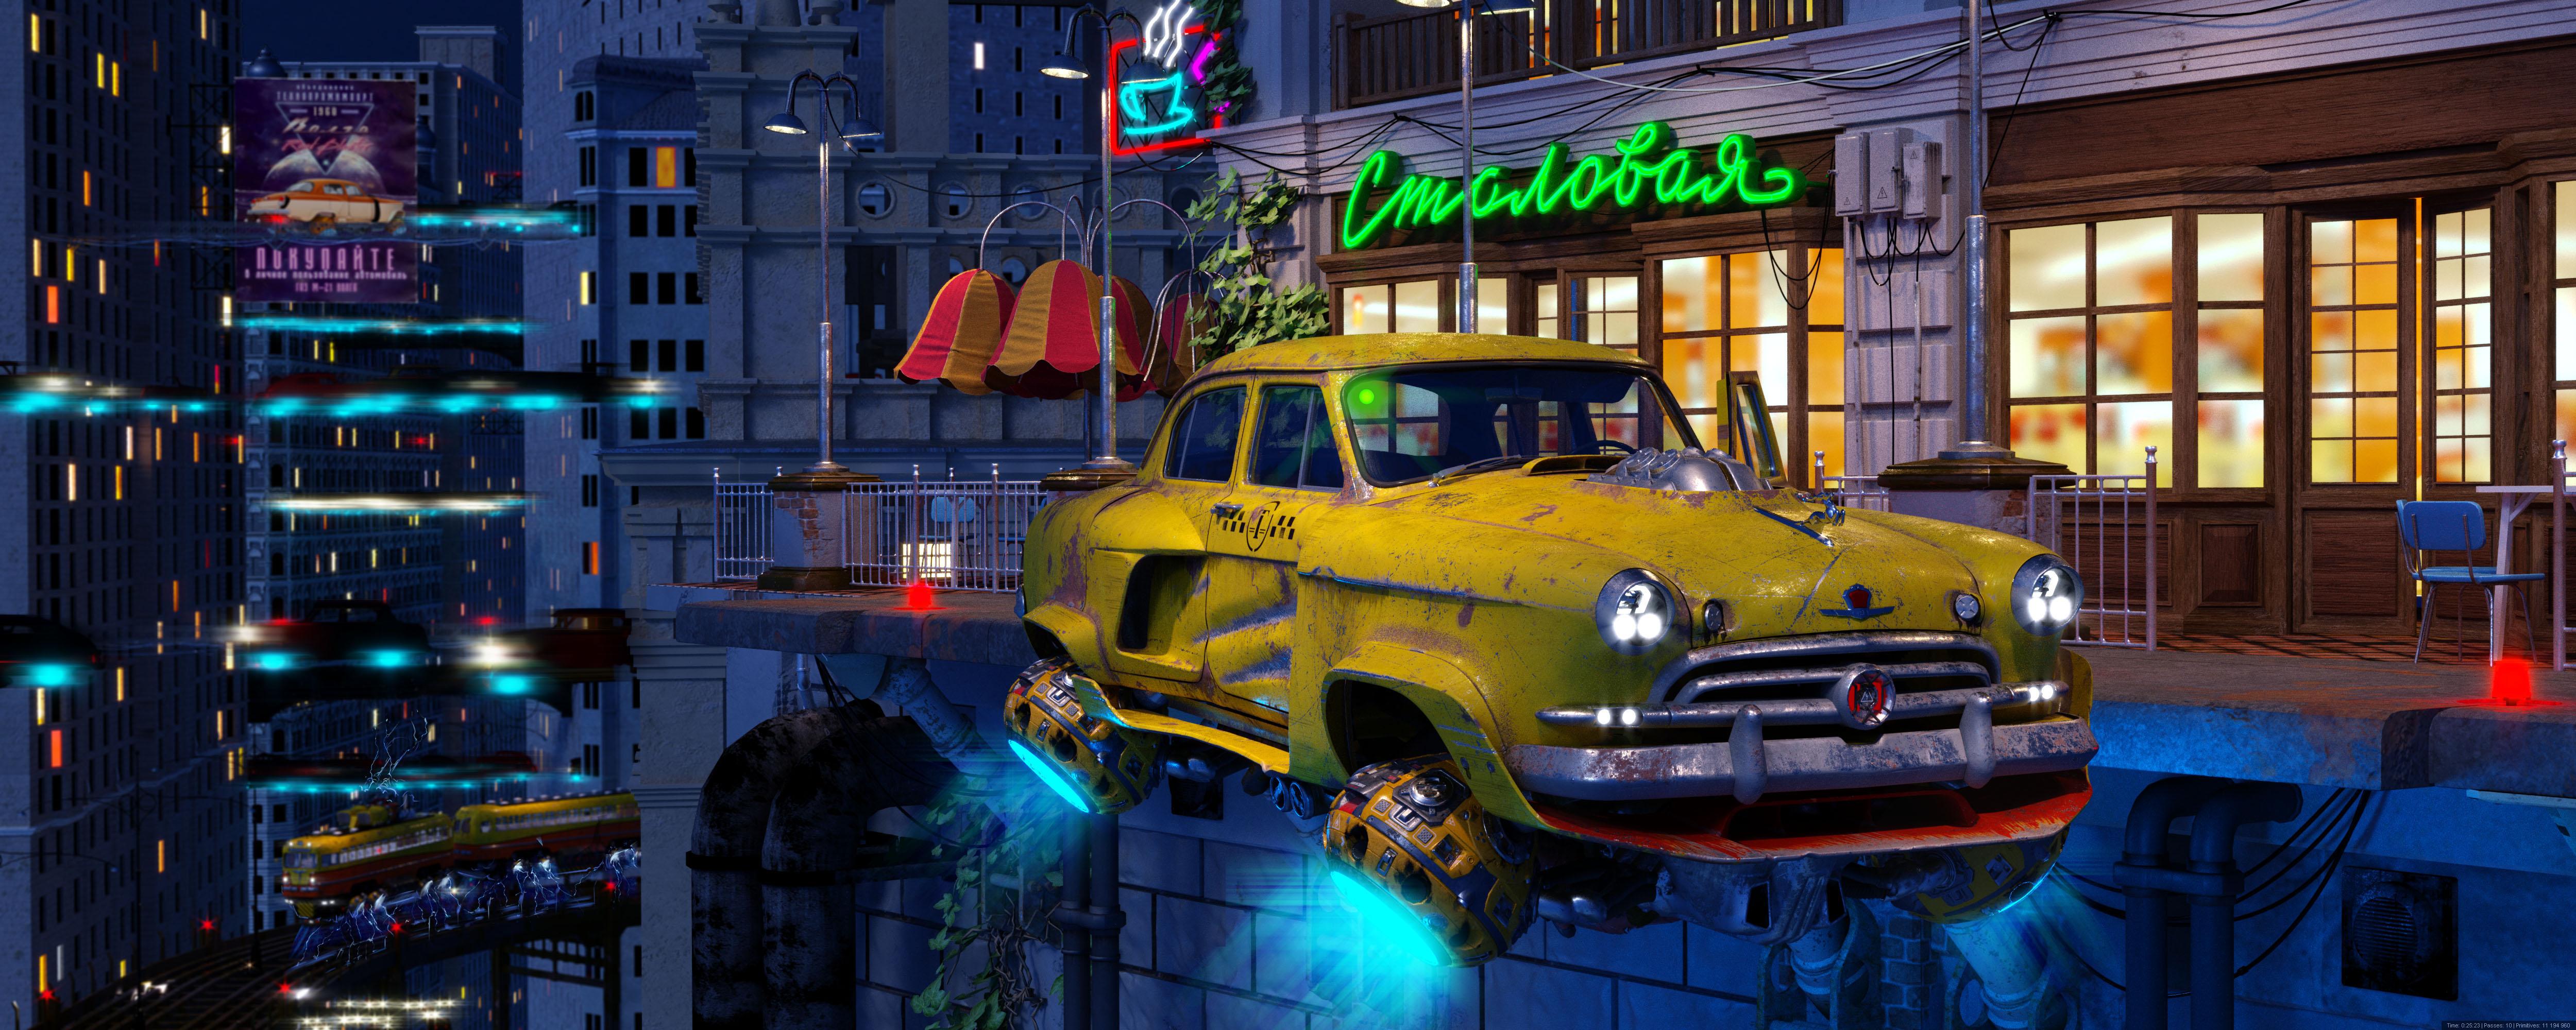 Green-eyed taxi 3d art